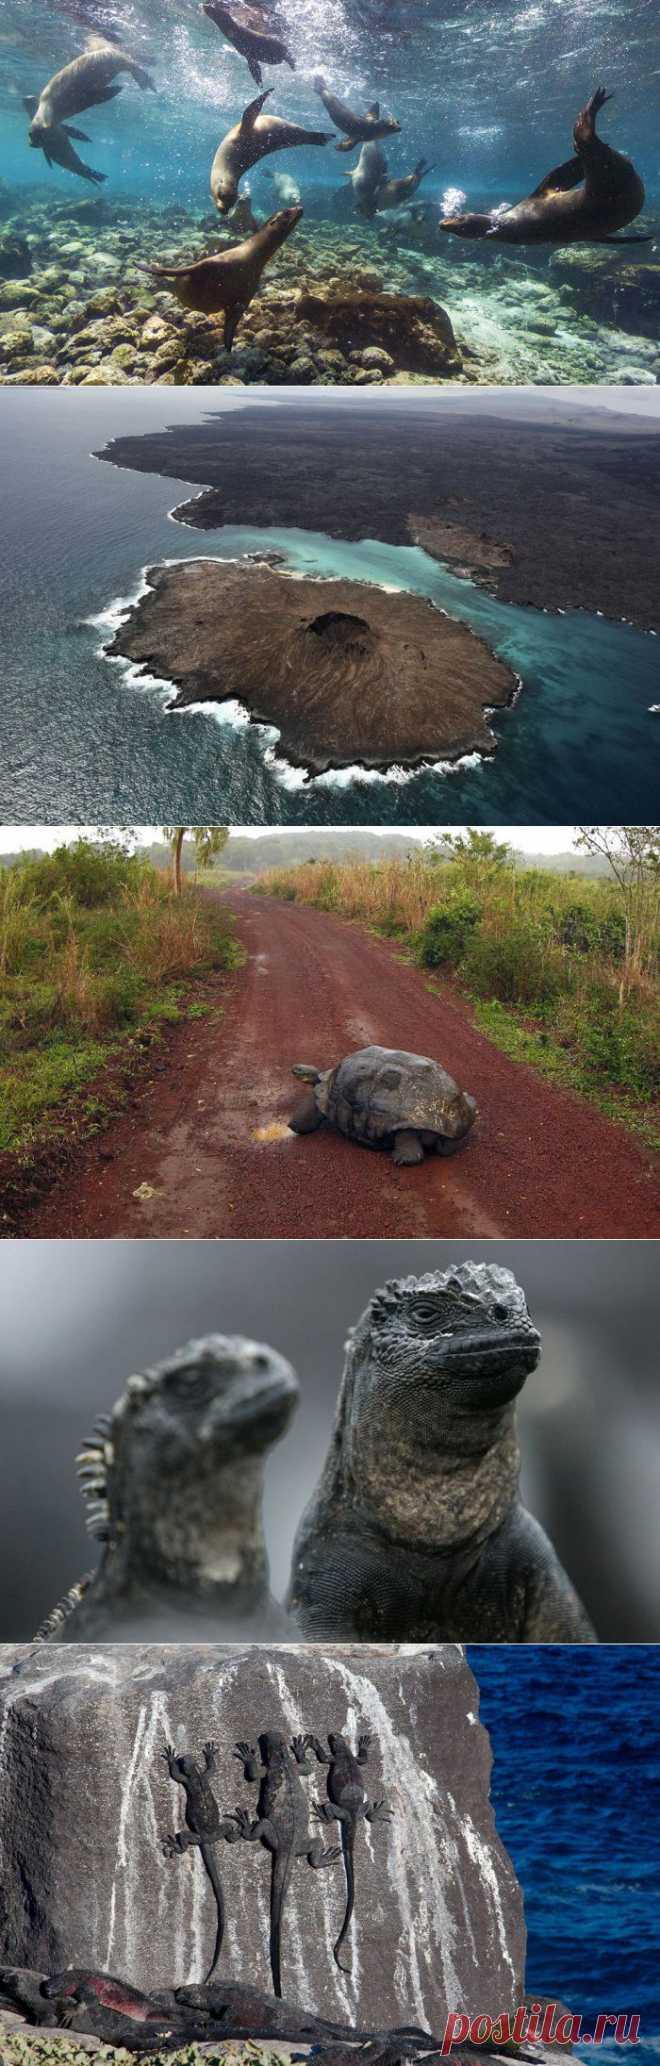 Путешествие на Галапагосские острова | МУЗА НАШЕГО ДВОРА